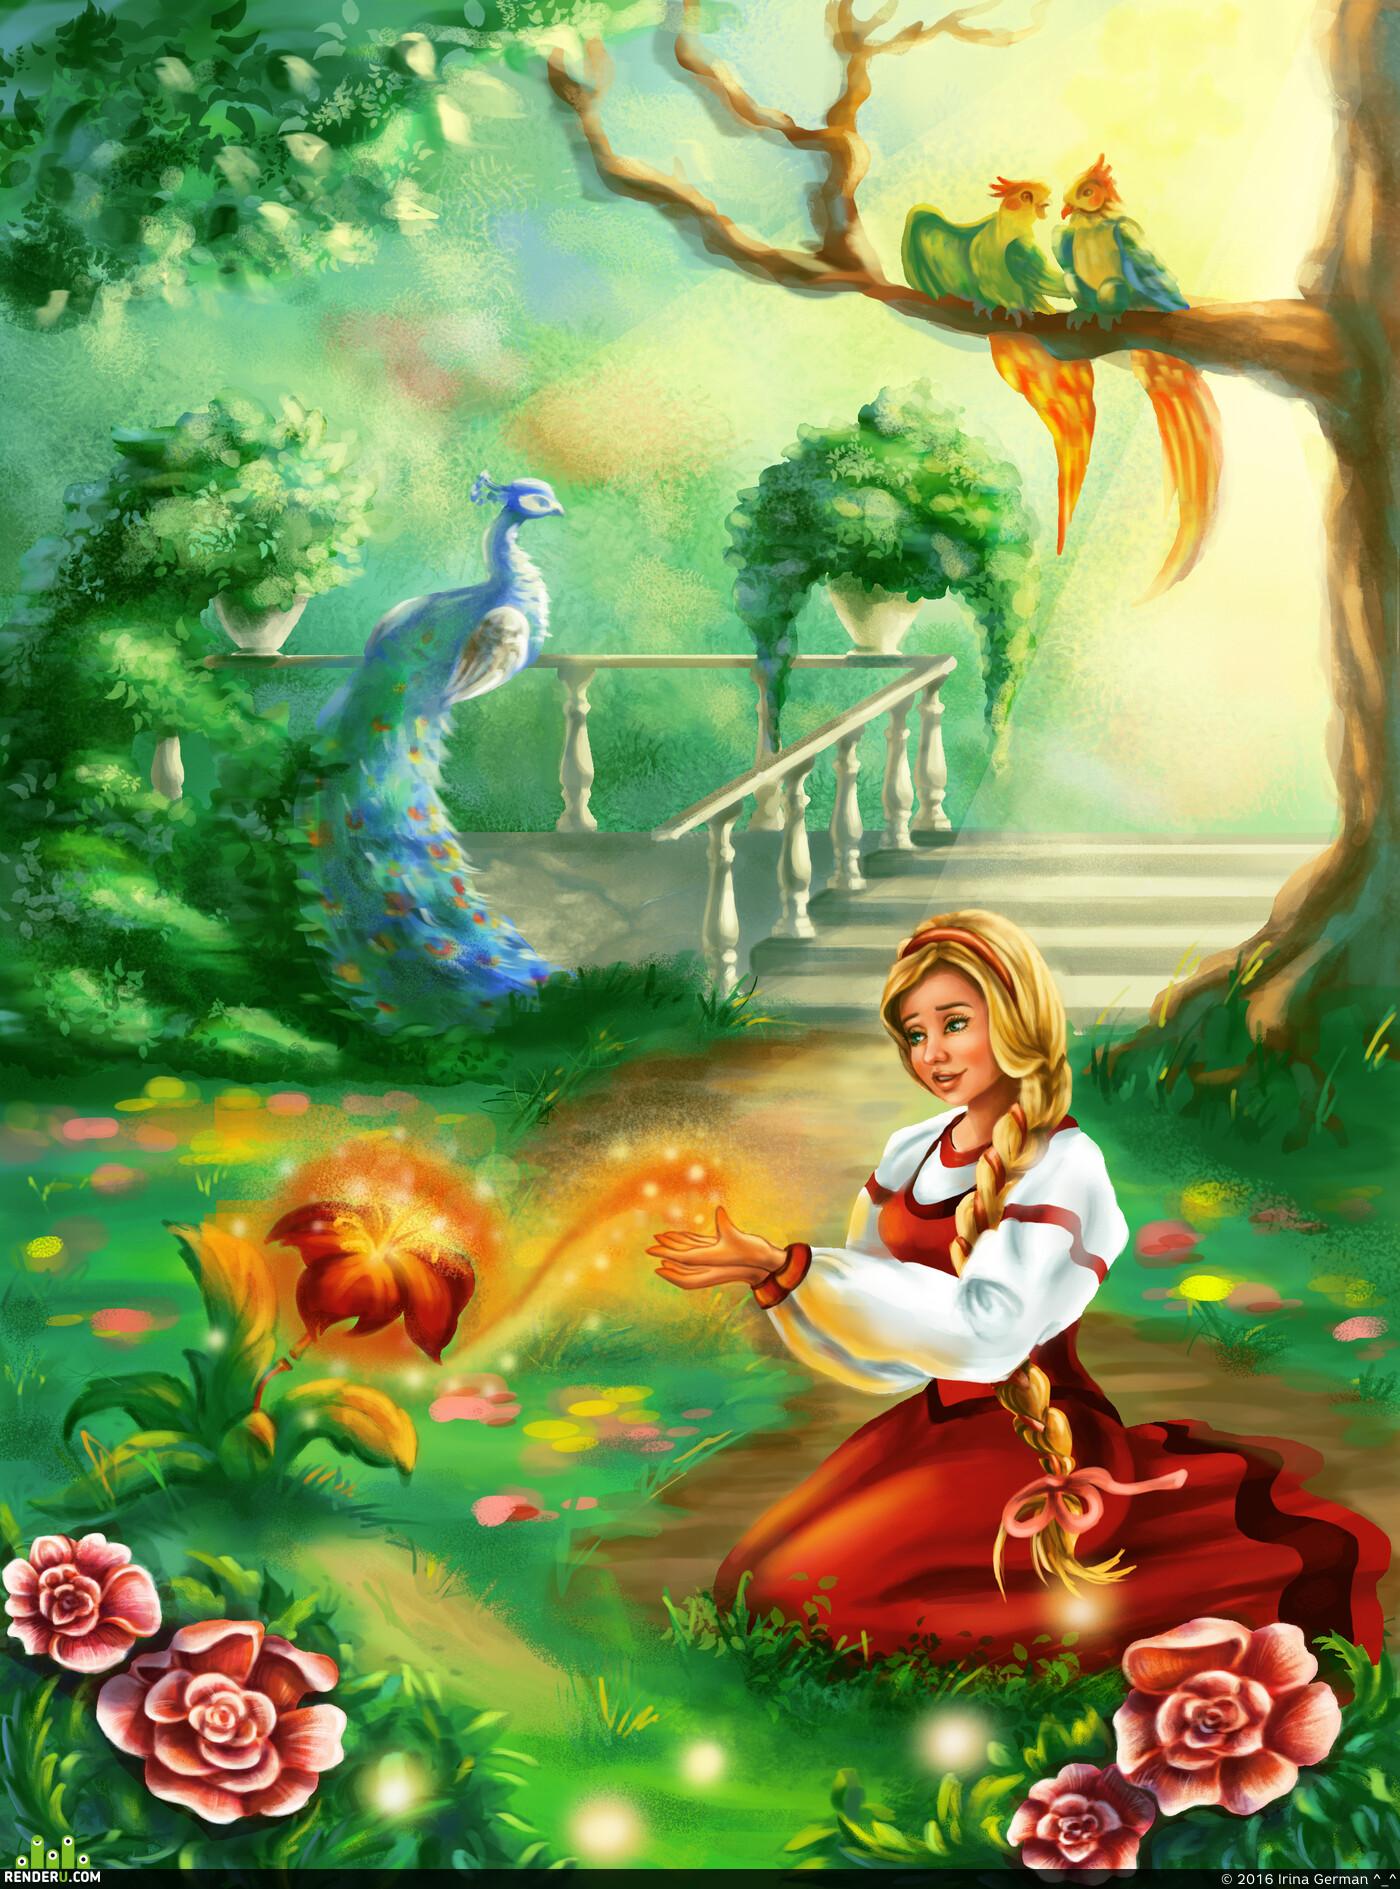 рисунок аленький цветочек красивые картинки оборками рюшами романтично